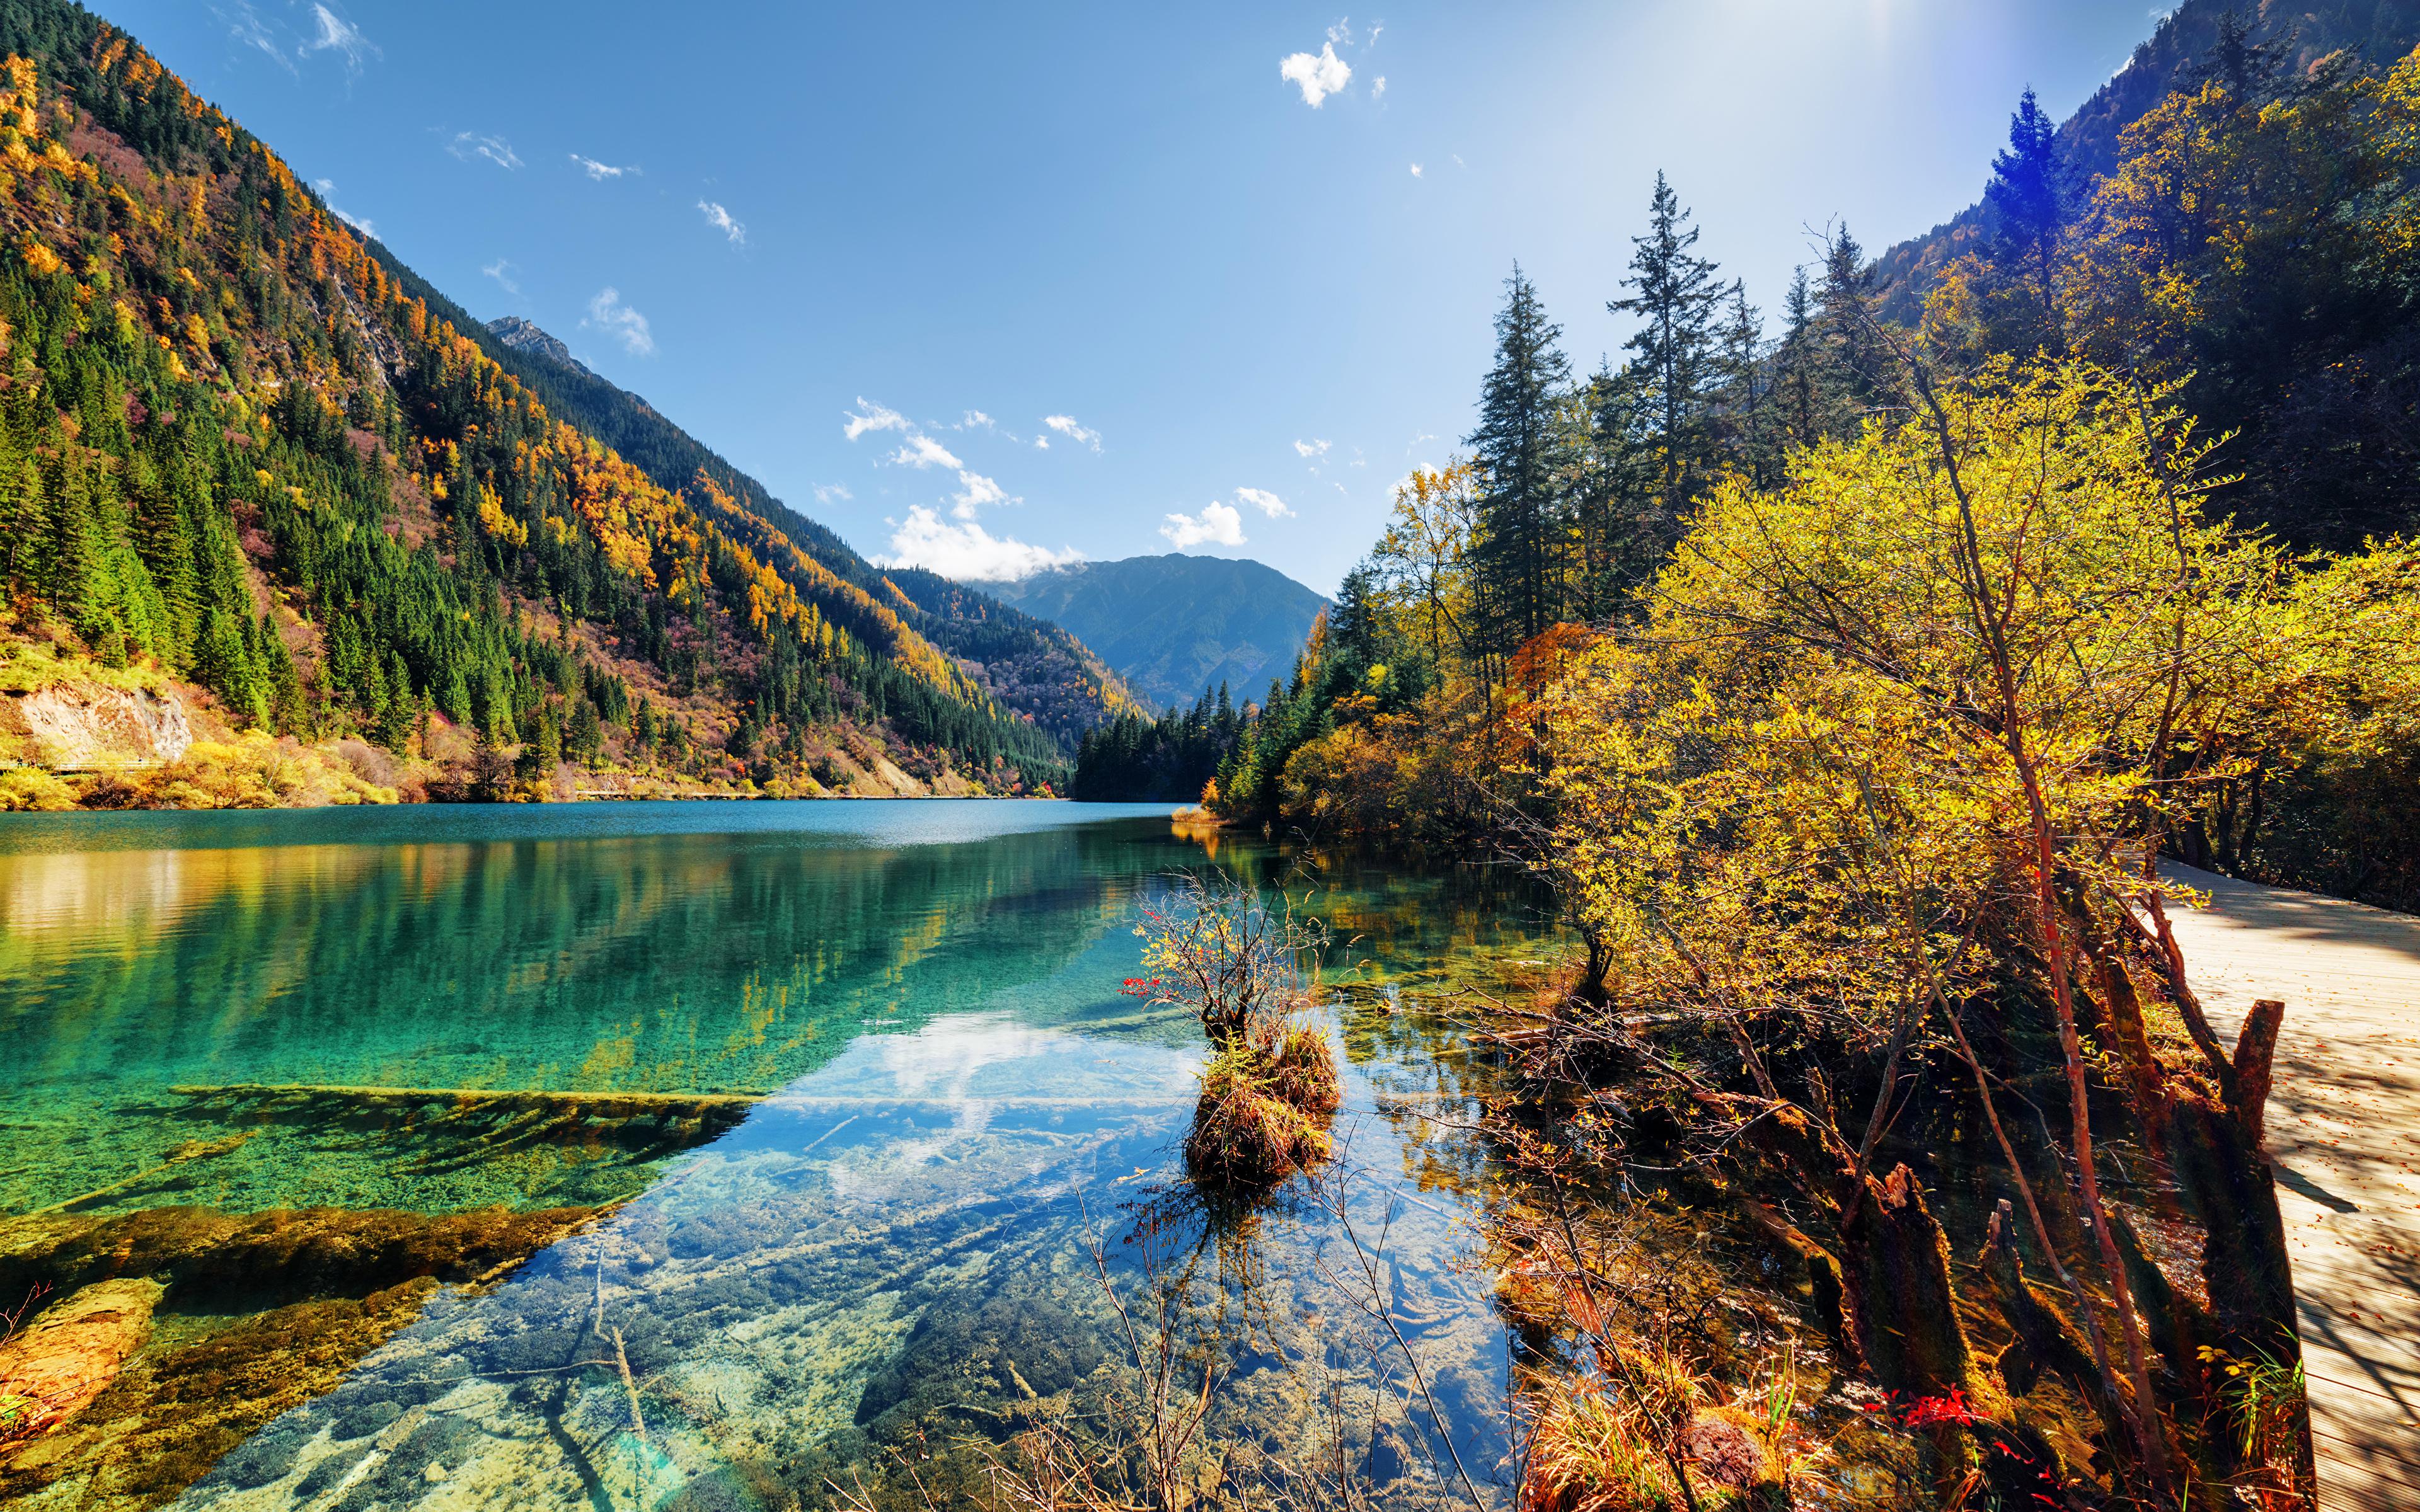 壁紙 3840x2400 九寨溝 中華人民共和国 公園 湖 山 秋 風景